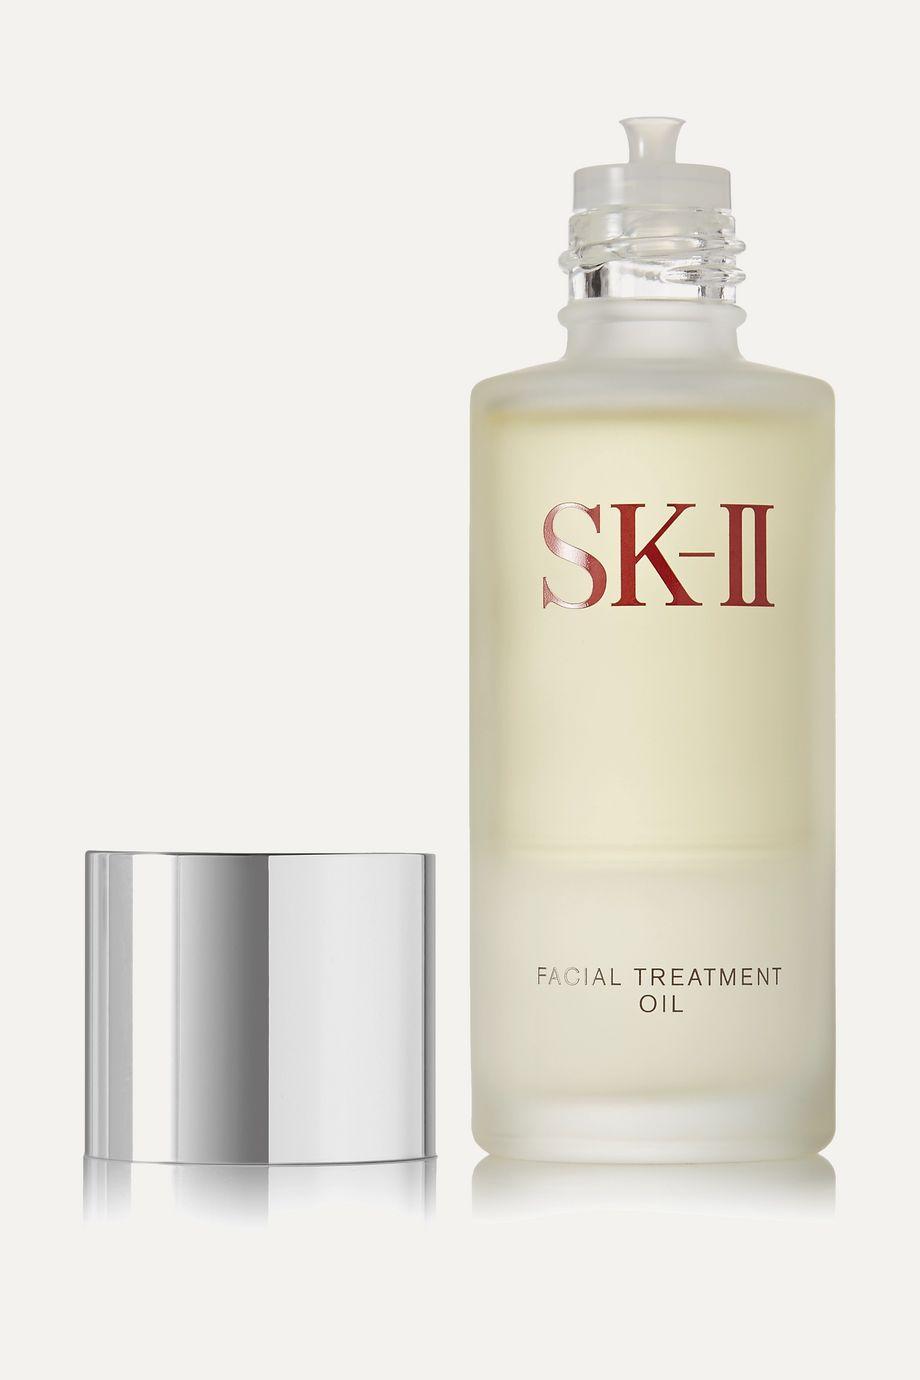 SK-II Facial Treatment Oil, 50ml